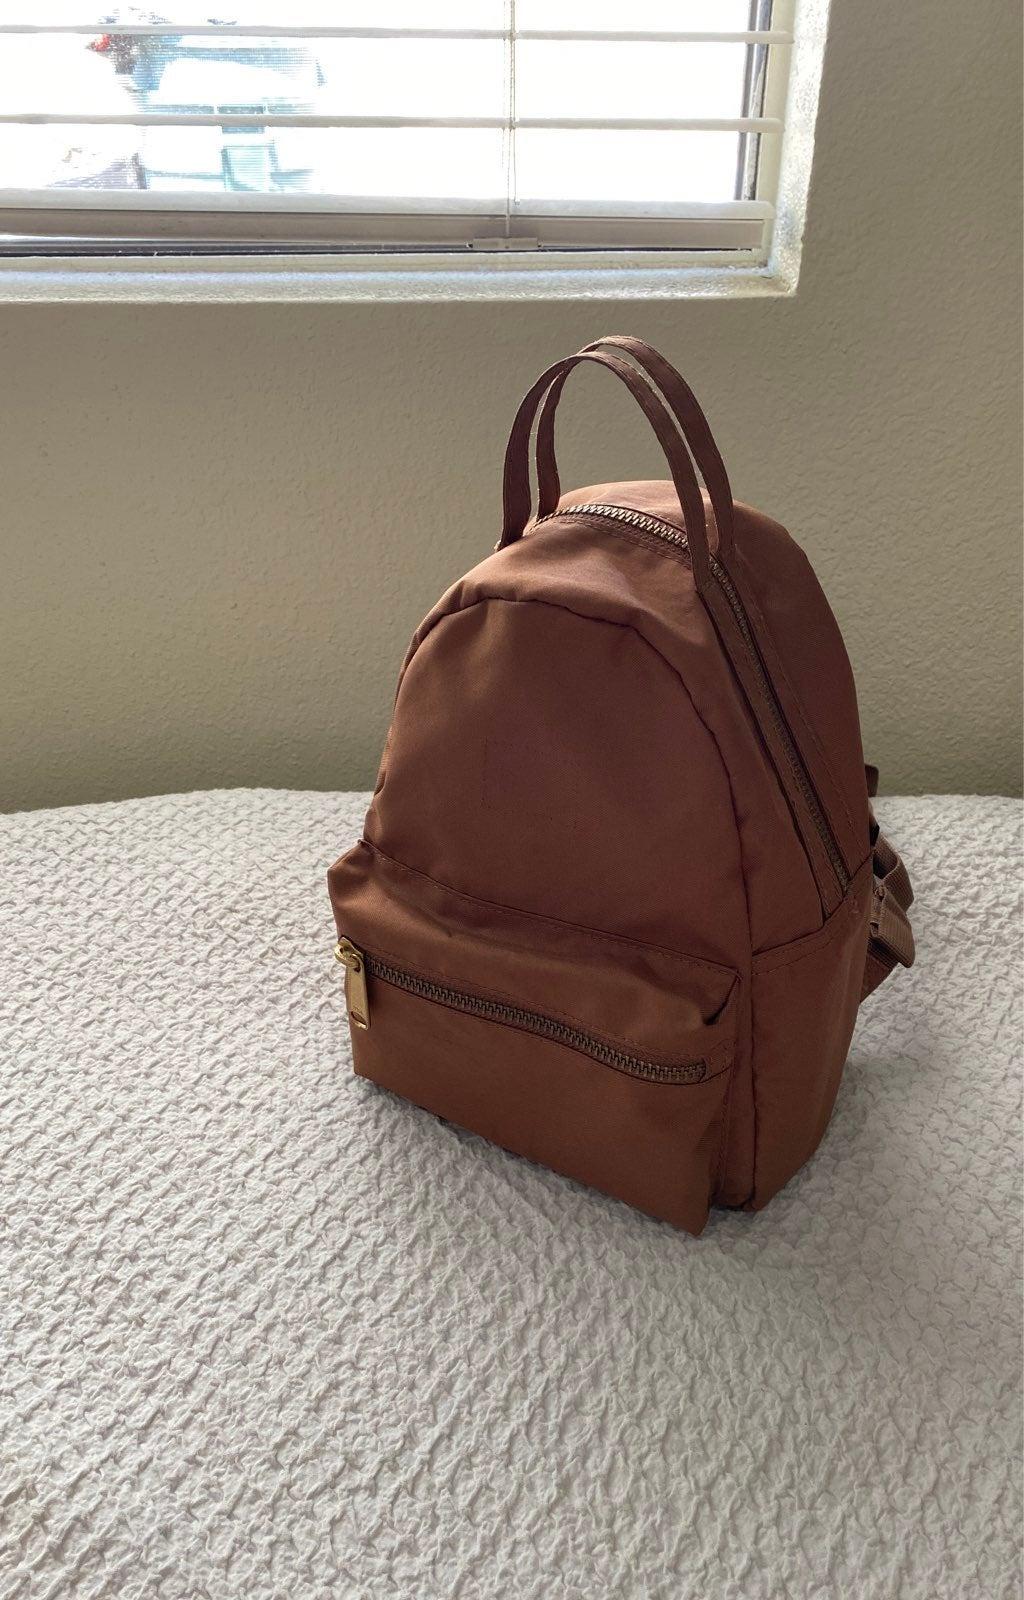 Hershel Brown - Backpack